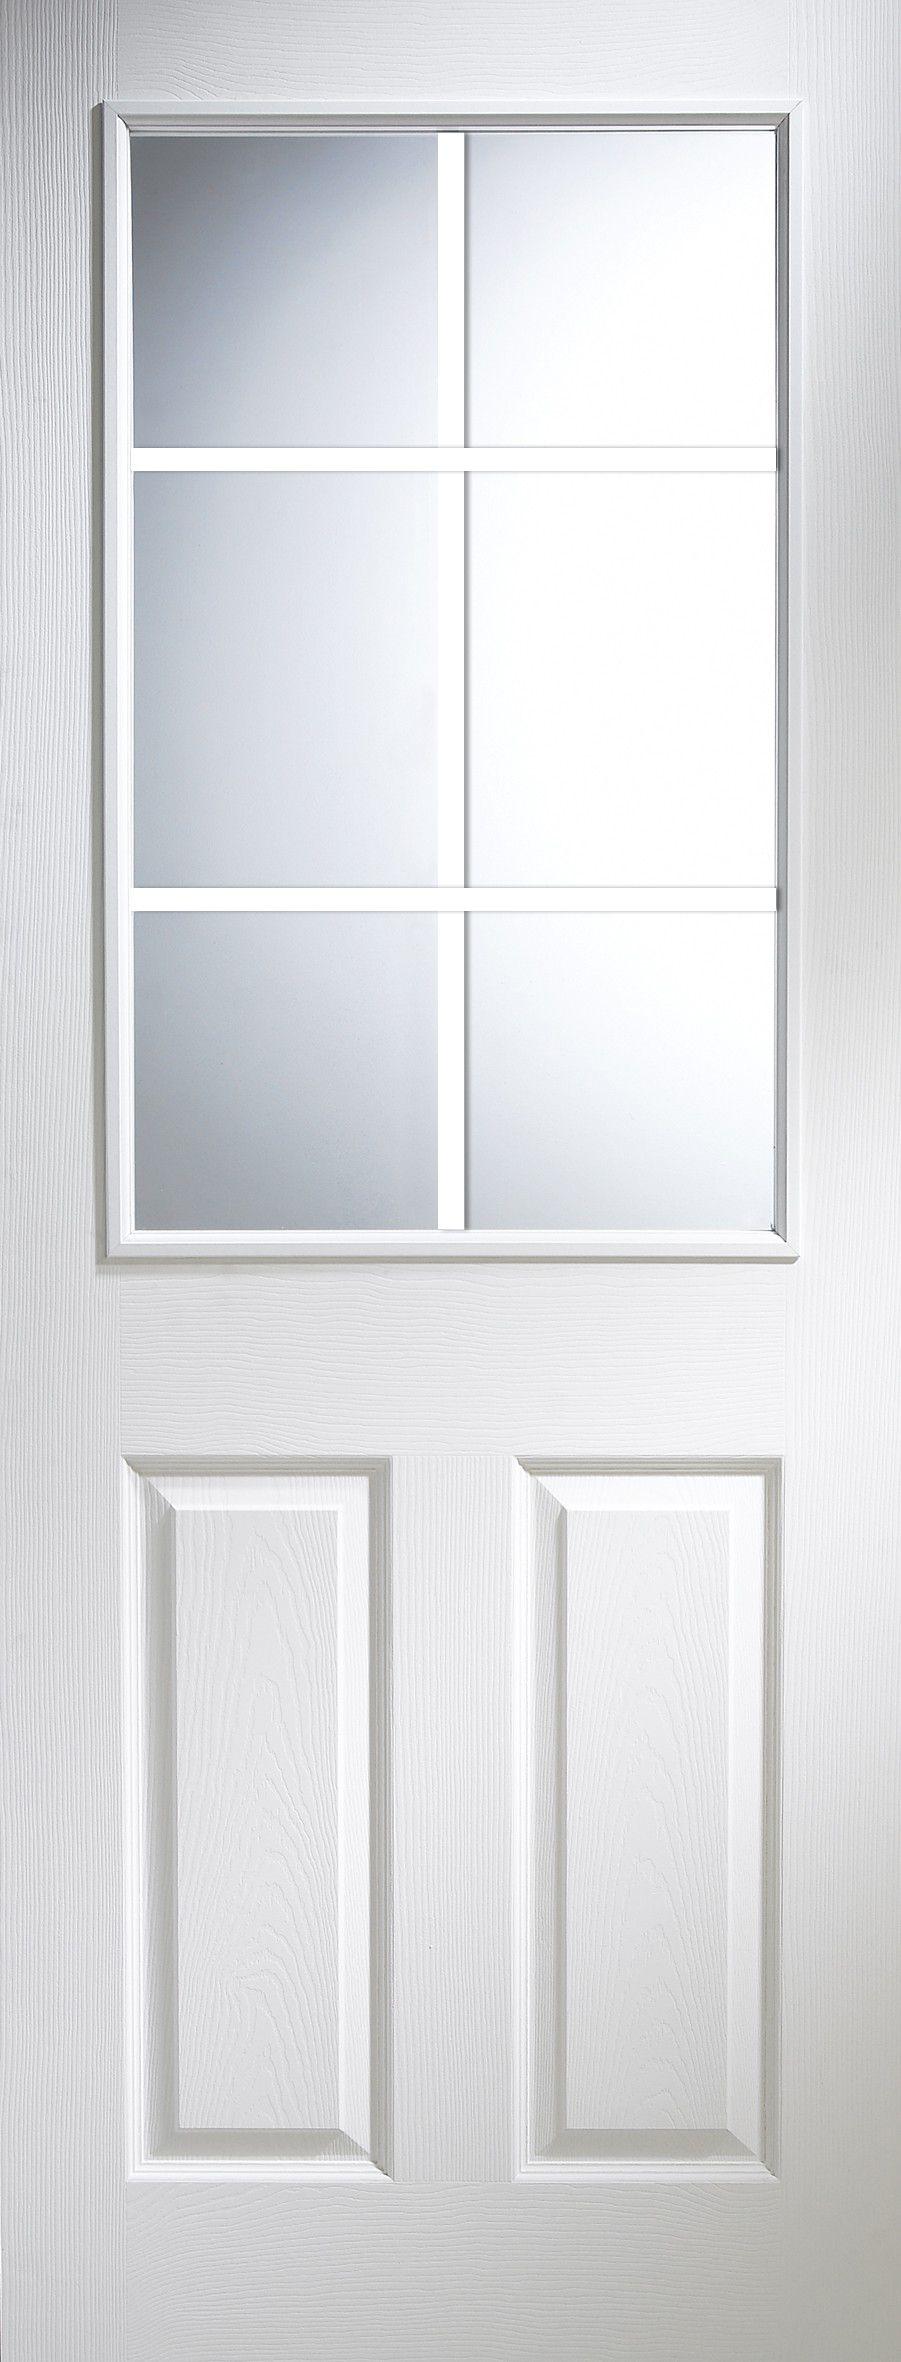 6 panel primed smooth internal unglazed door h 1981mm w. Black Bedroom Furniture Sets. Home Design Ideas